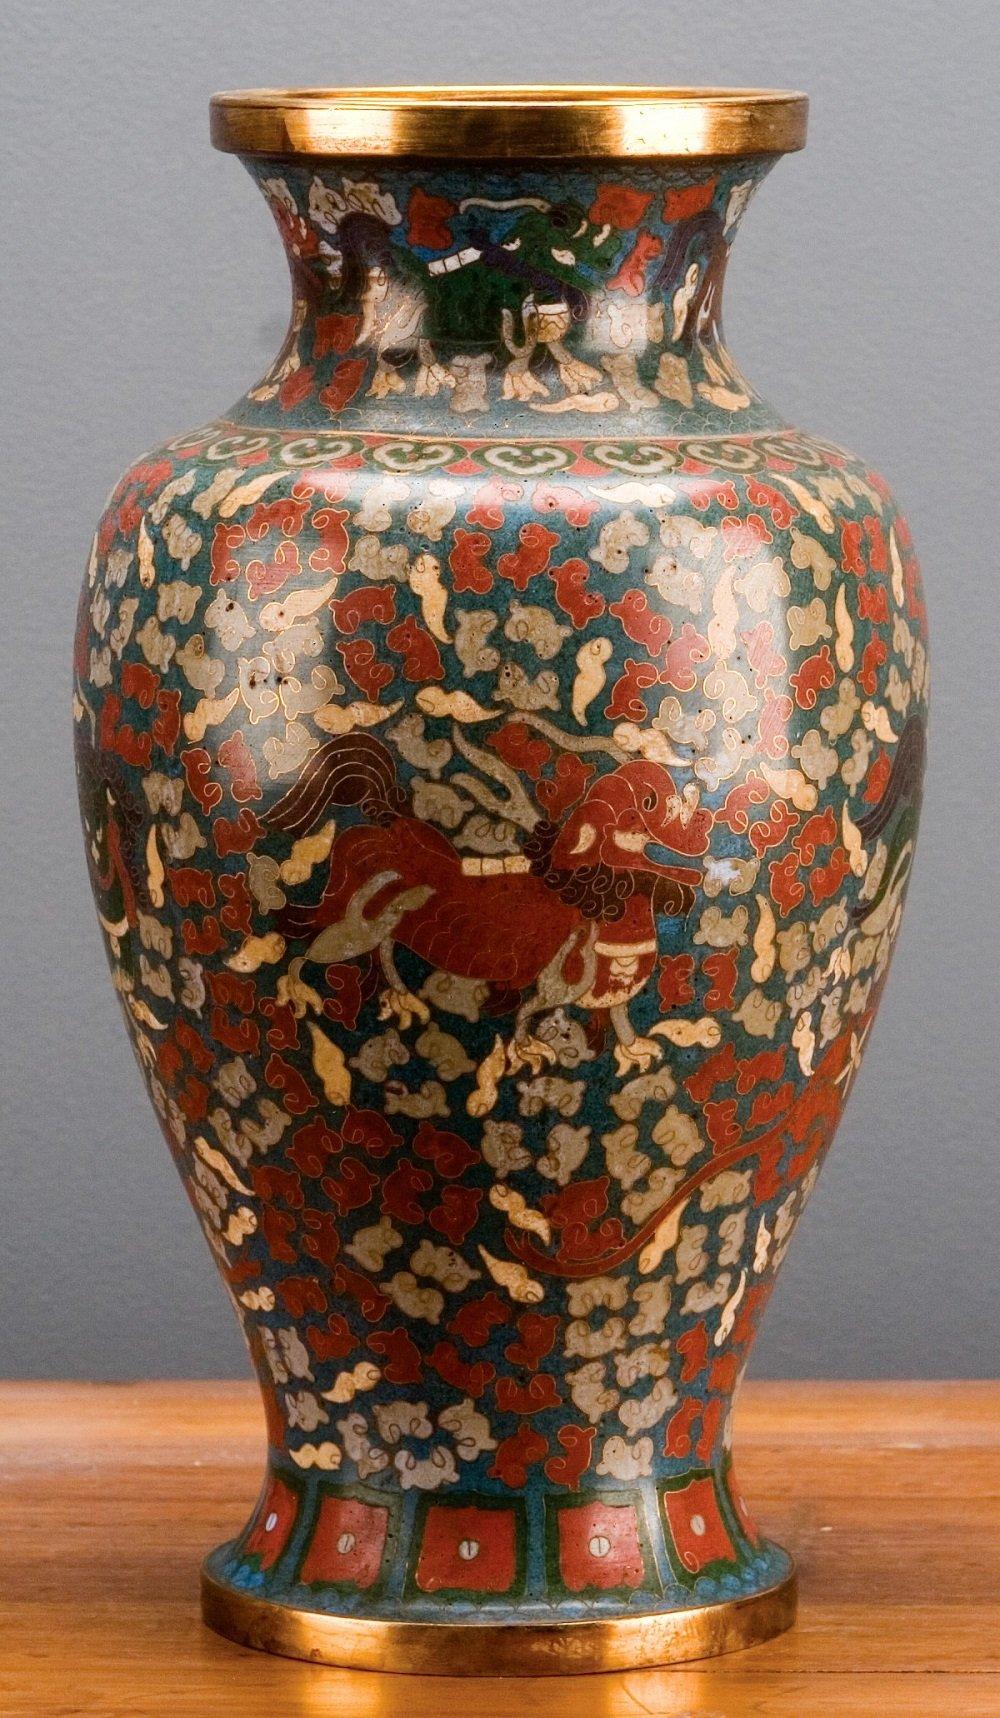 Home decor. Red Oriental Dog Classic Cloisonne Vase. Dimension: 6 x 6 x 12. Pattern: Cloisonne.